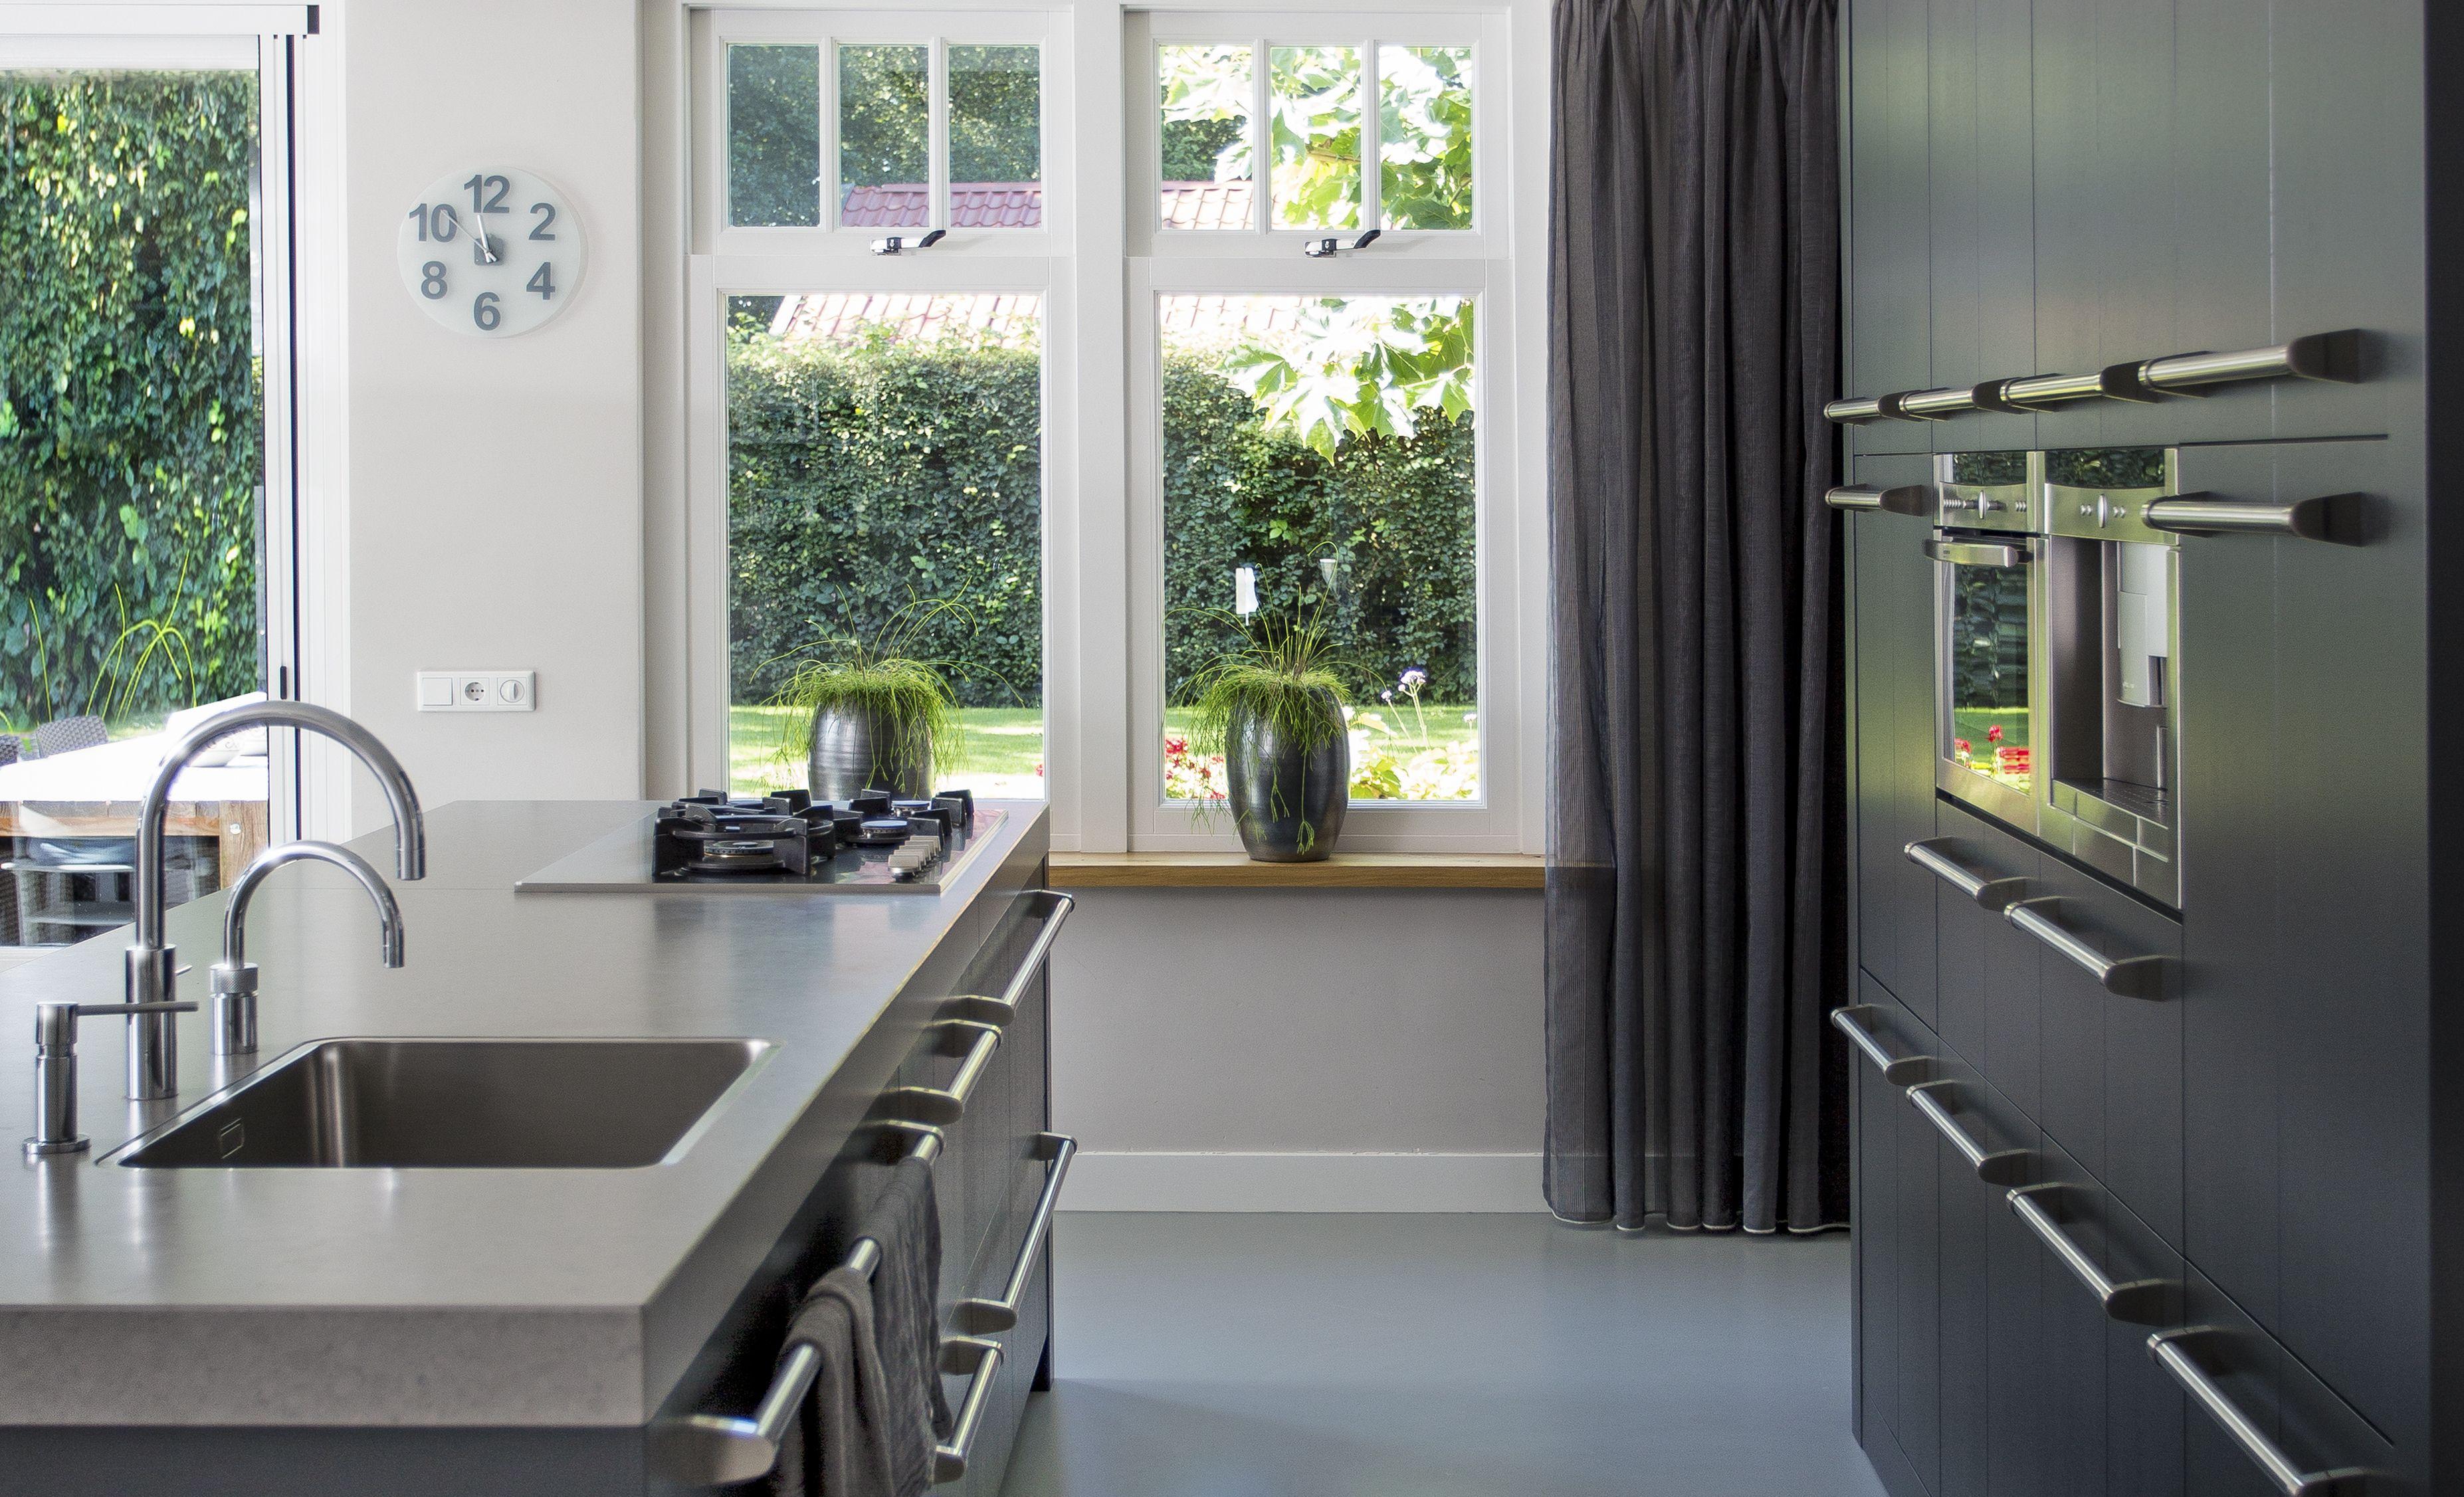 Stoere Keuken Grey : Stoere houten keuken met robuuste greep. in deze unieke ral kleur te